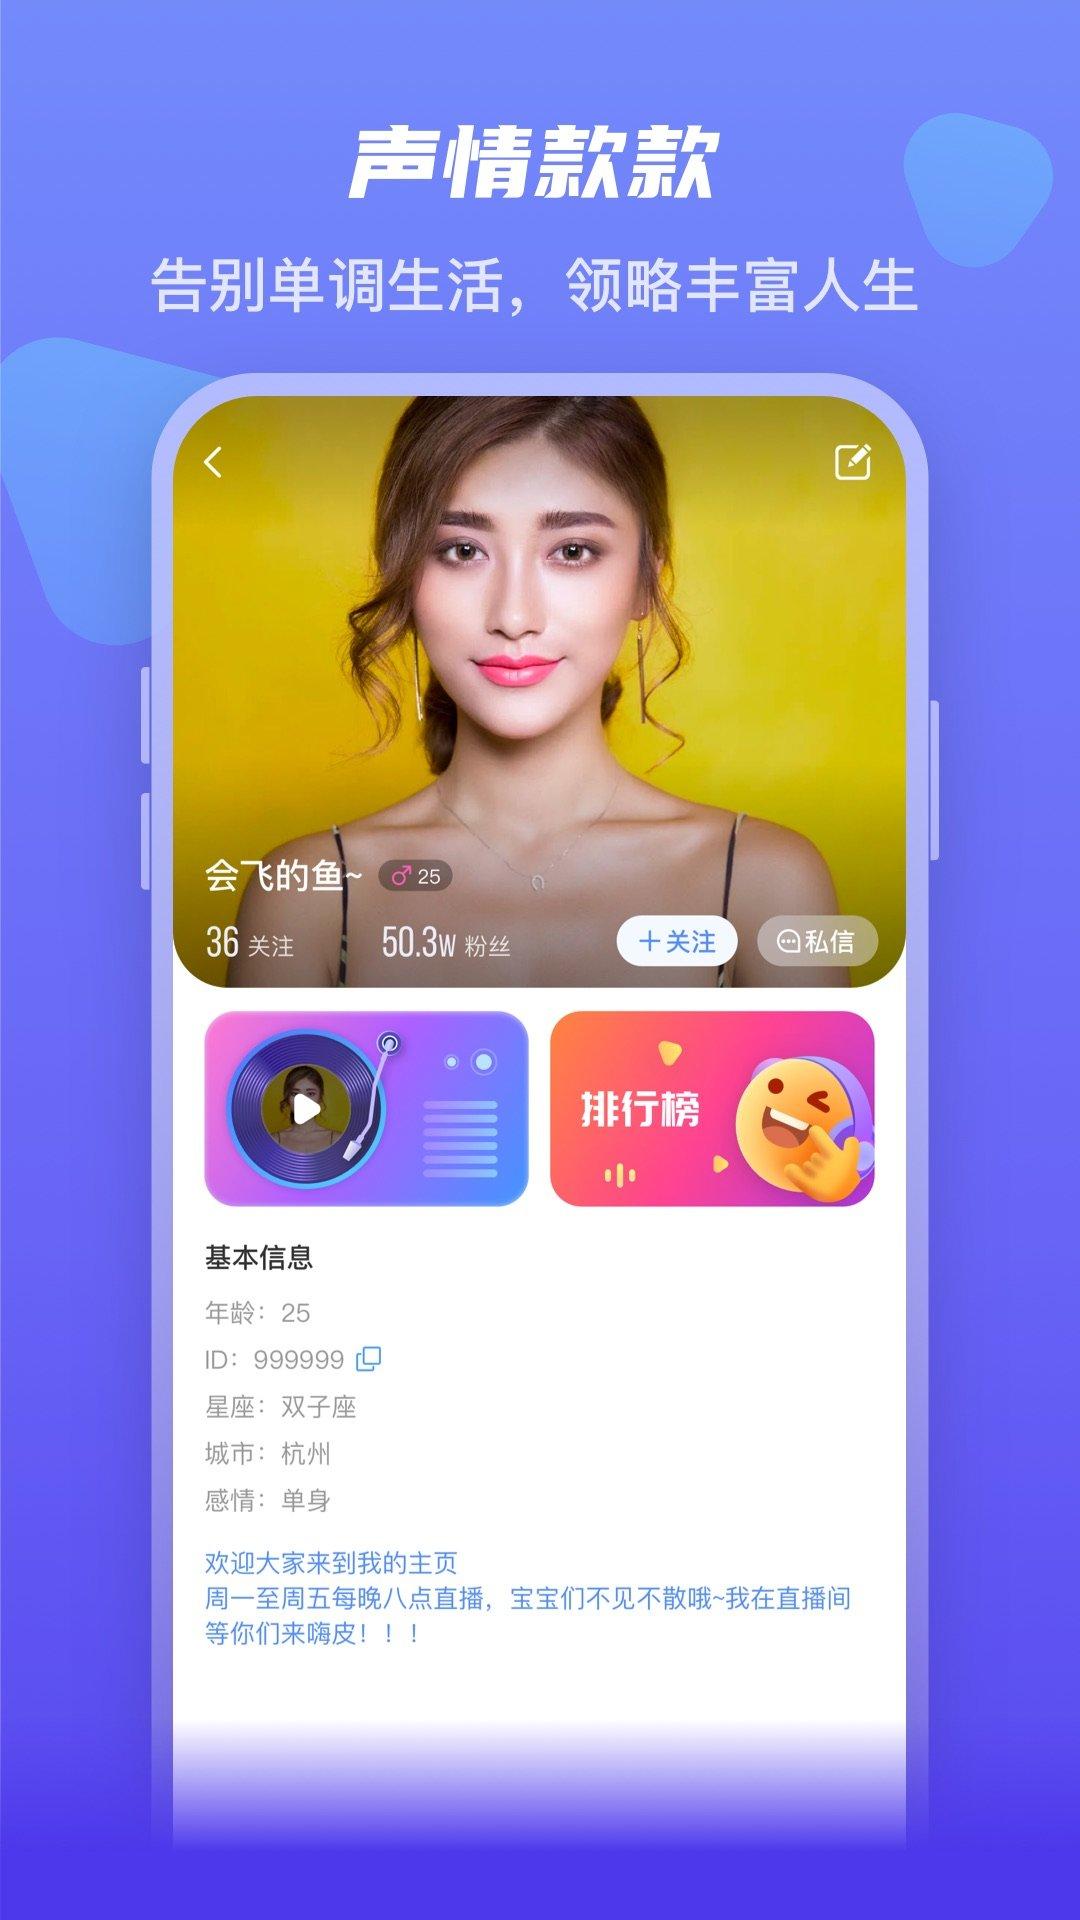 英葩微聊app客戶端圖片1